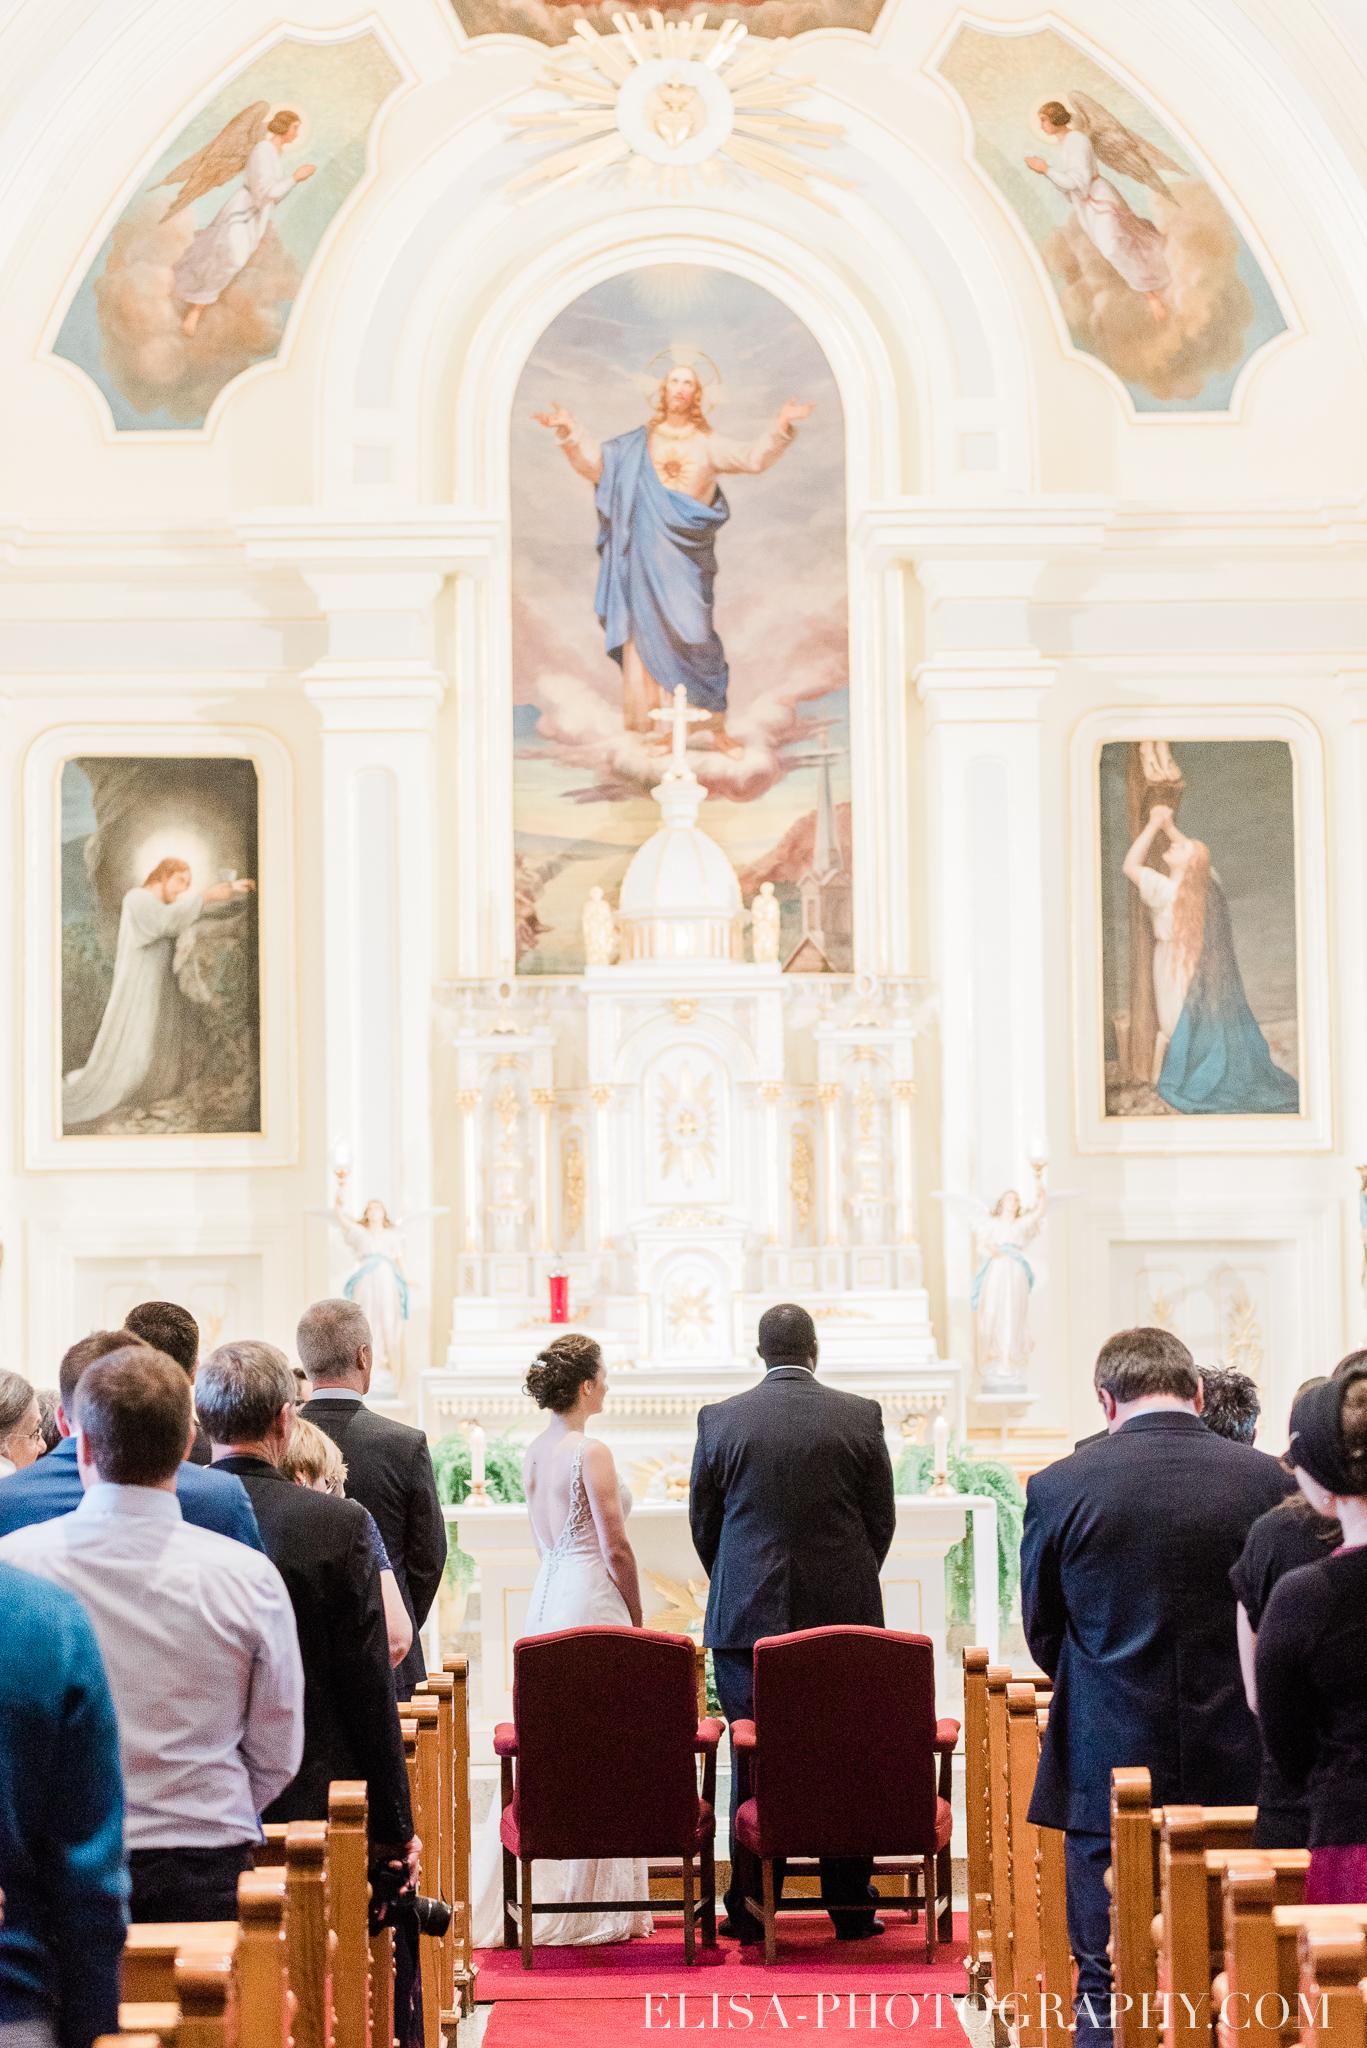 photo mariage ville quebec automne ceremonie eglise de cap rouge 7406 - Mariage au Golf de Cap-Rouge, ville de Québec: Stéphanie & William